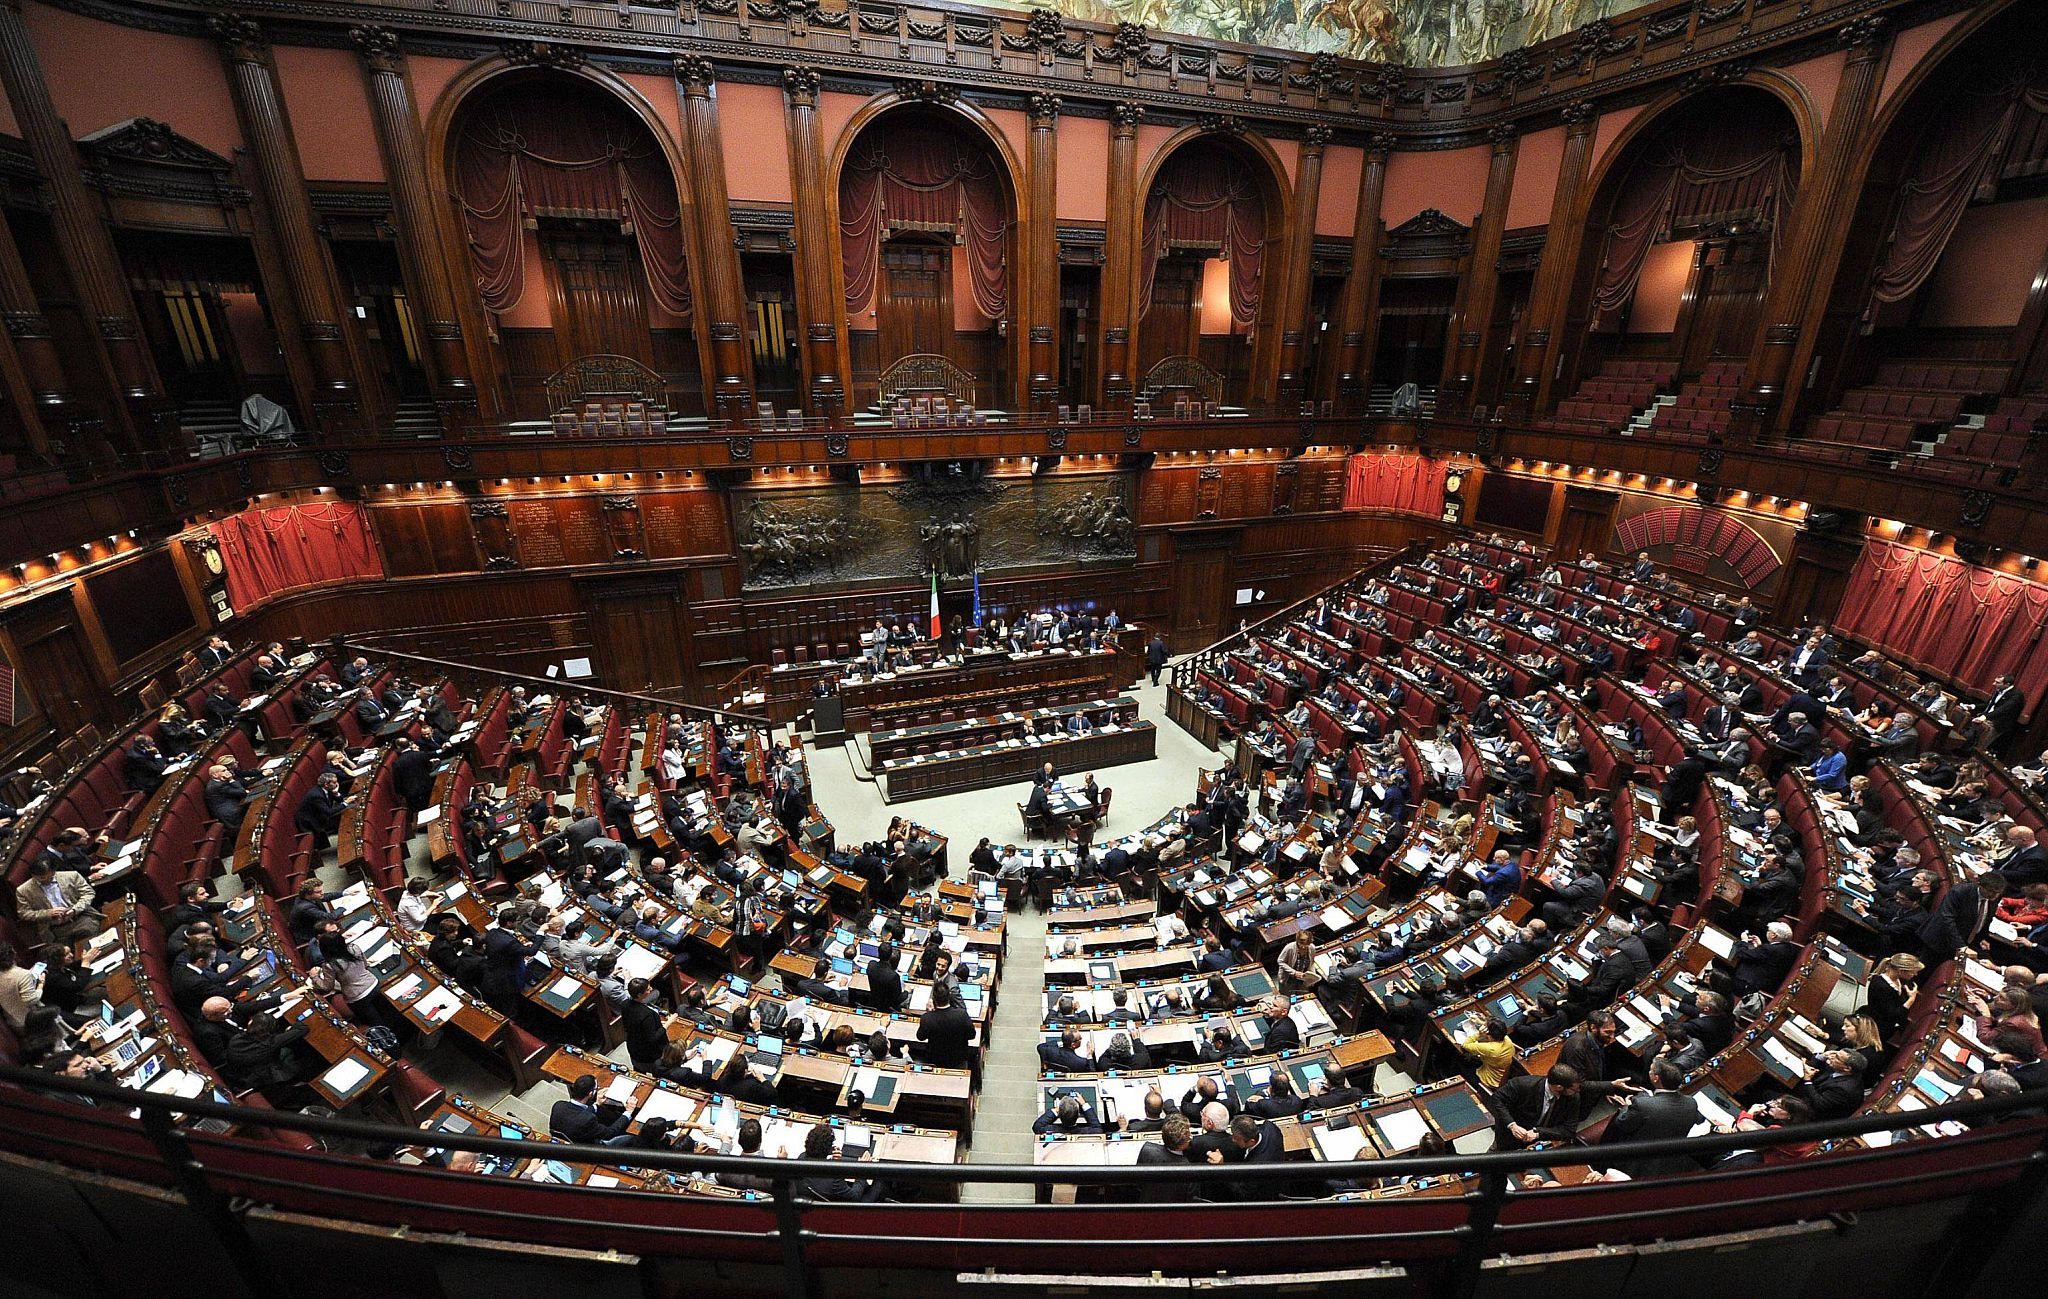 Olasz népszavazás kimenetele. Európa az Olasz népszavazásra vár.